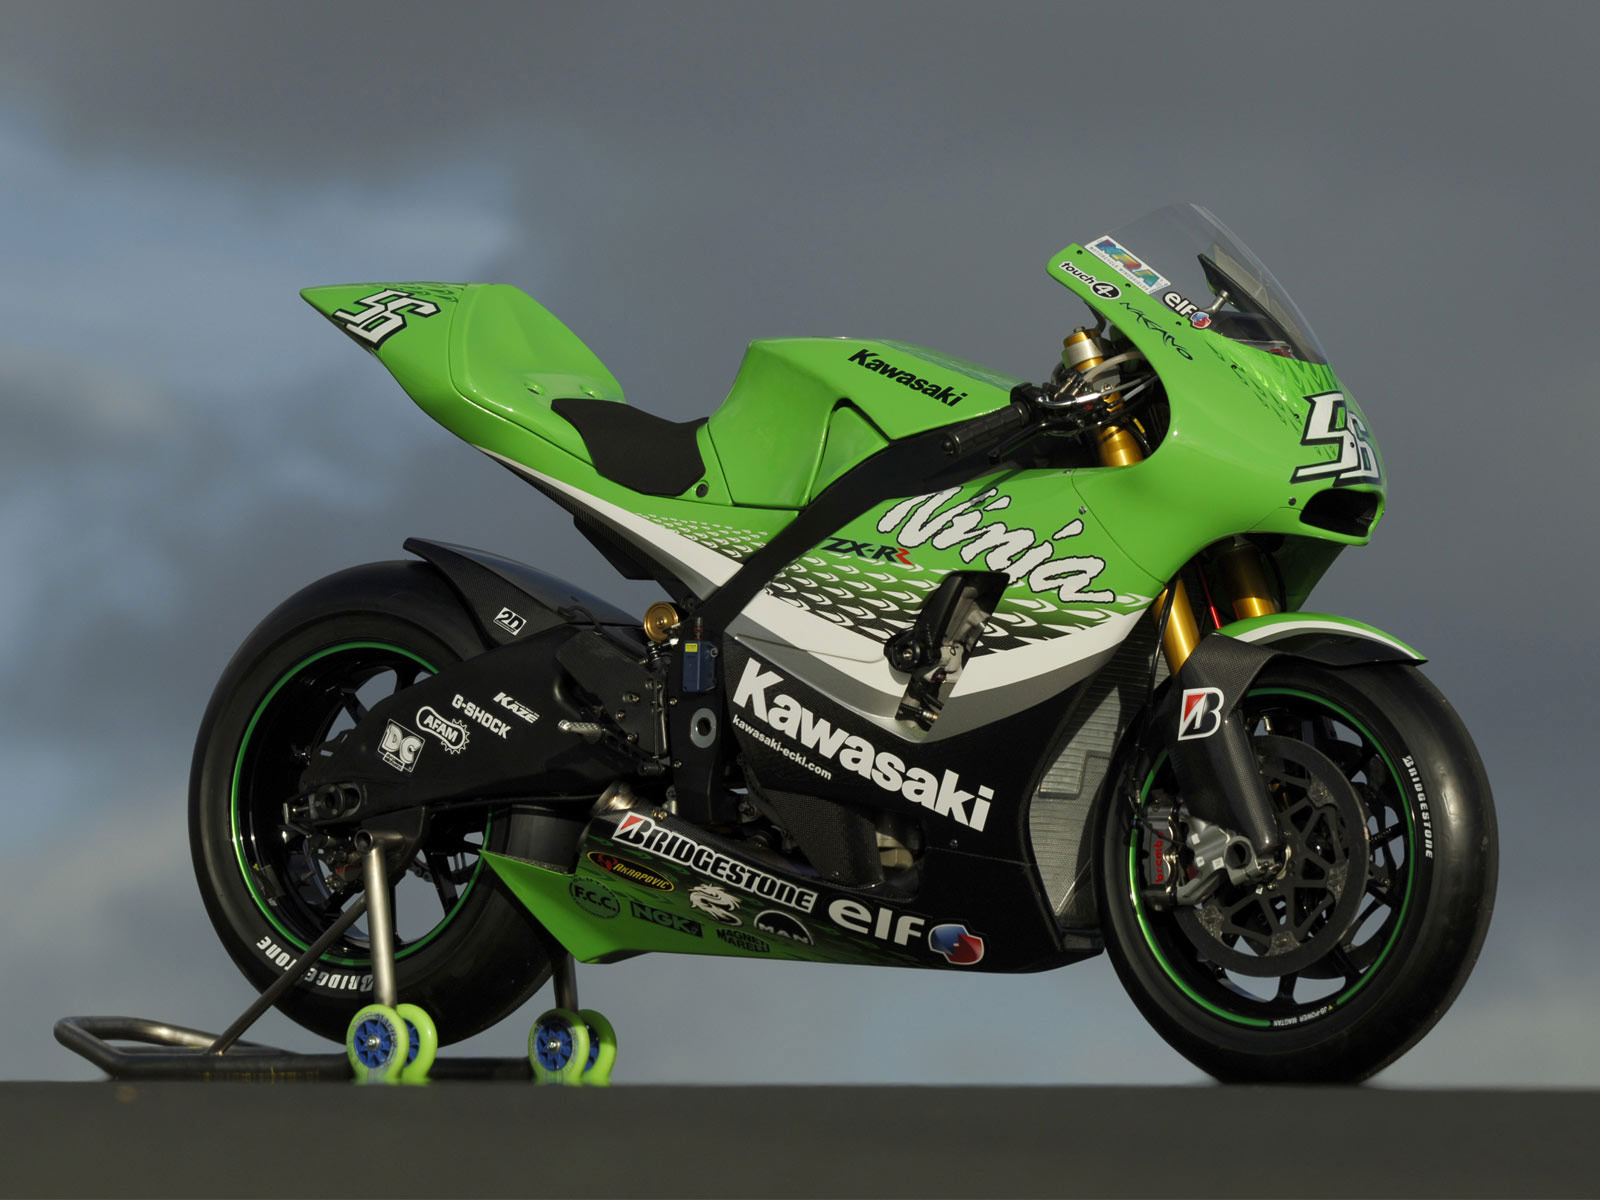 http://2.bp.blogspot.com/-49XD25h3GGI/Tm17cCv539I/AAAAAAAAA00/6vPY-K561hE/s1600/kawasaki_ninja-ZX-RR_2006_motorcycle-desktop-wallpaper_2.jpg